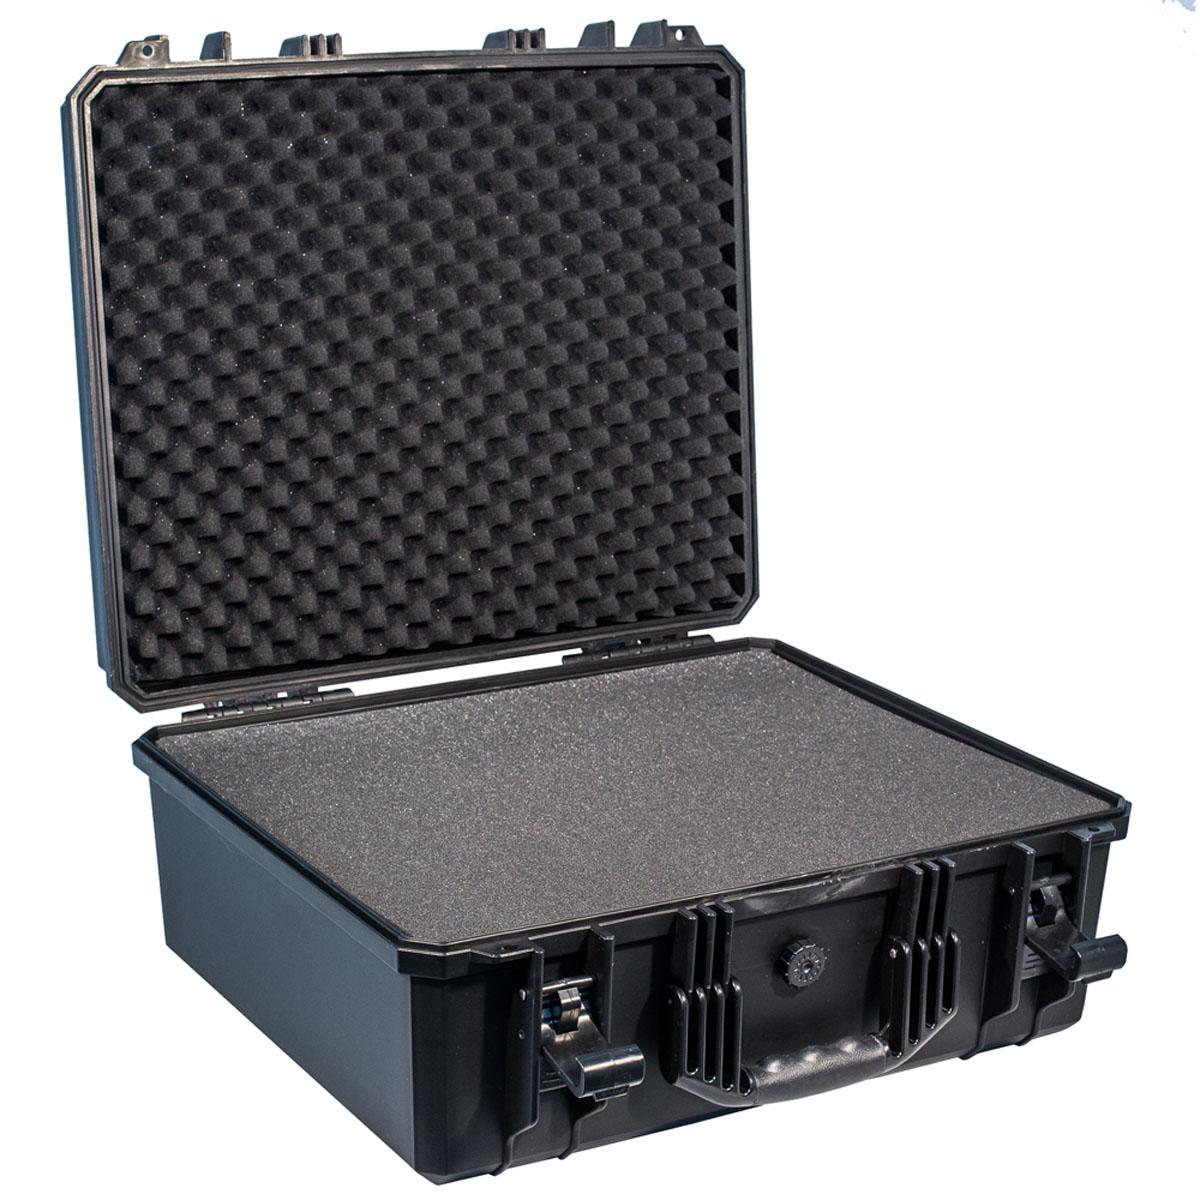 Кейс противоударный PRO-4x4 №7, влагозащищенный, 53,8 х 48,8 х 24,4 см, цвет: черныйPRO-BXF-B05348Самое широкое применение у кейсов №7 с наполнителем нашлось у профессионалов, которым нужно выезжать на объекты с диагностическим оборудованием илиточными измерительными приборами.Защищенные кейсы PRO-4x4 это надежный и проверенный способ сохранить в целостности дорогостоящее оборудование, требующее бережной транспортировки и гарантированной сохранности.Кейсы снабжены удобными и надежными ручками, в крышке имеется паз с резиновым уплотнением. Так же все кейсы PRO-4x4 имеют клапан выравнивания давления.Благодаря используемым материалам и технологии изготовления кейсы способны выдержать значительные ударные и статические нагрузки защищая свое содержимое от механических повреждений.Герметичность и пыле-влагозащищенность кейсов PRO-4x4 оградит дорогостоящую технику от агрессивной внешней среды и не позволит вывести ее из строя в процессе транспортировки.Великолепный внешний вид, потребительские свойства и непревзойдённое качество исполнения кейсов PRO-4x4 соответствуют запросам самых требовательных потребителей.В зависимости от выбранного размера кейс подойдет для хранения ценных документов, оружия, запасных частей и электронного оборудования. Область применения может быть самой различной, он одинаково хорошо покажет себя и во время внедорожного путешествия и в производственных процессах.